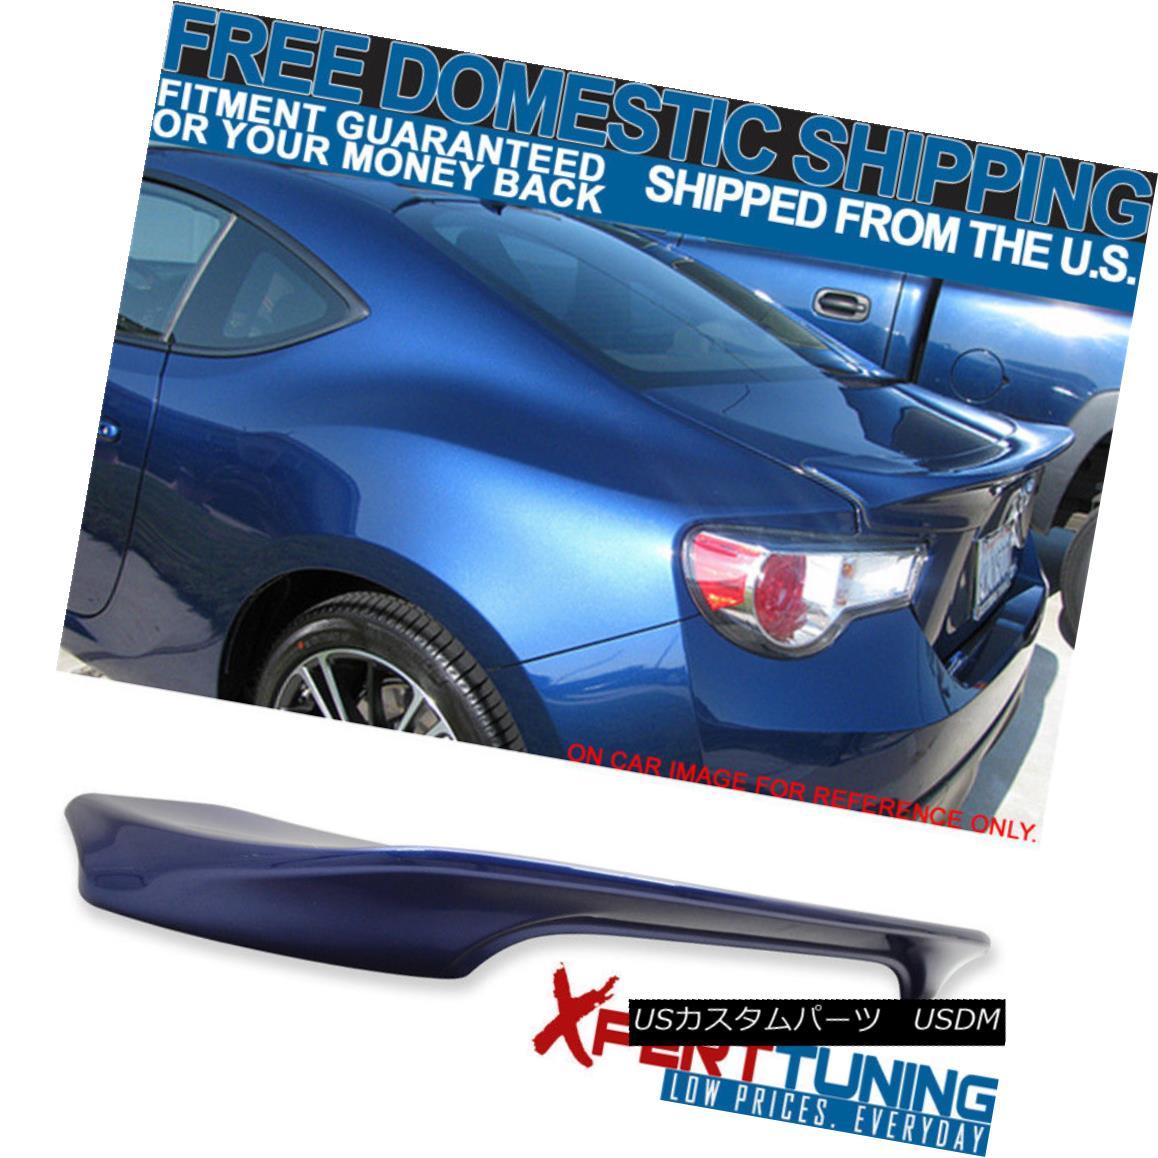 エアロパーツ Fits 13-15 FRS 13-14 BRZ TR Trunk Spoiler Painted Galaxy Blue Ultramarine # E8H フィット13-15 FRS 13-14 BRZ TRトランクスポイラーペイントギャラクシーブルーウルトラマリン#E8H